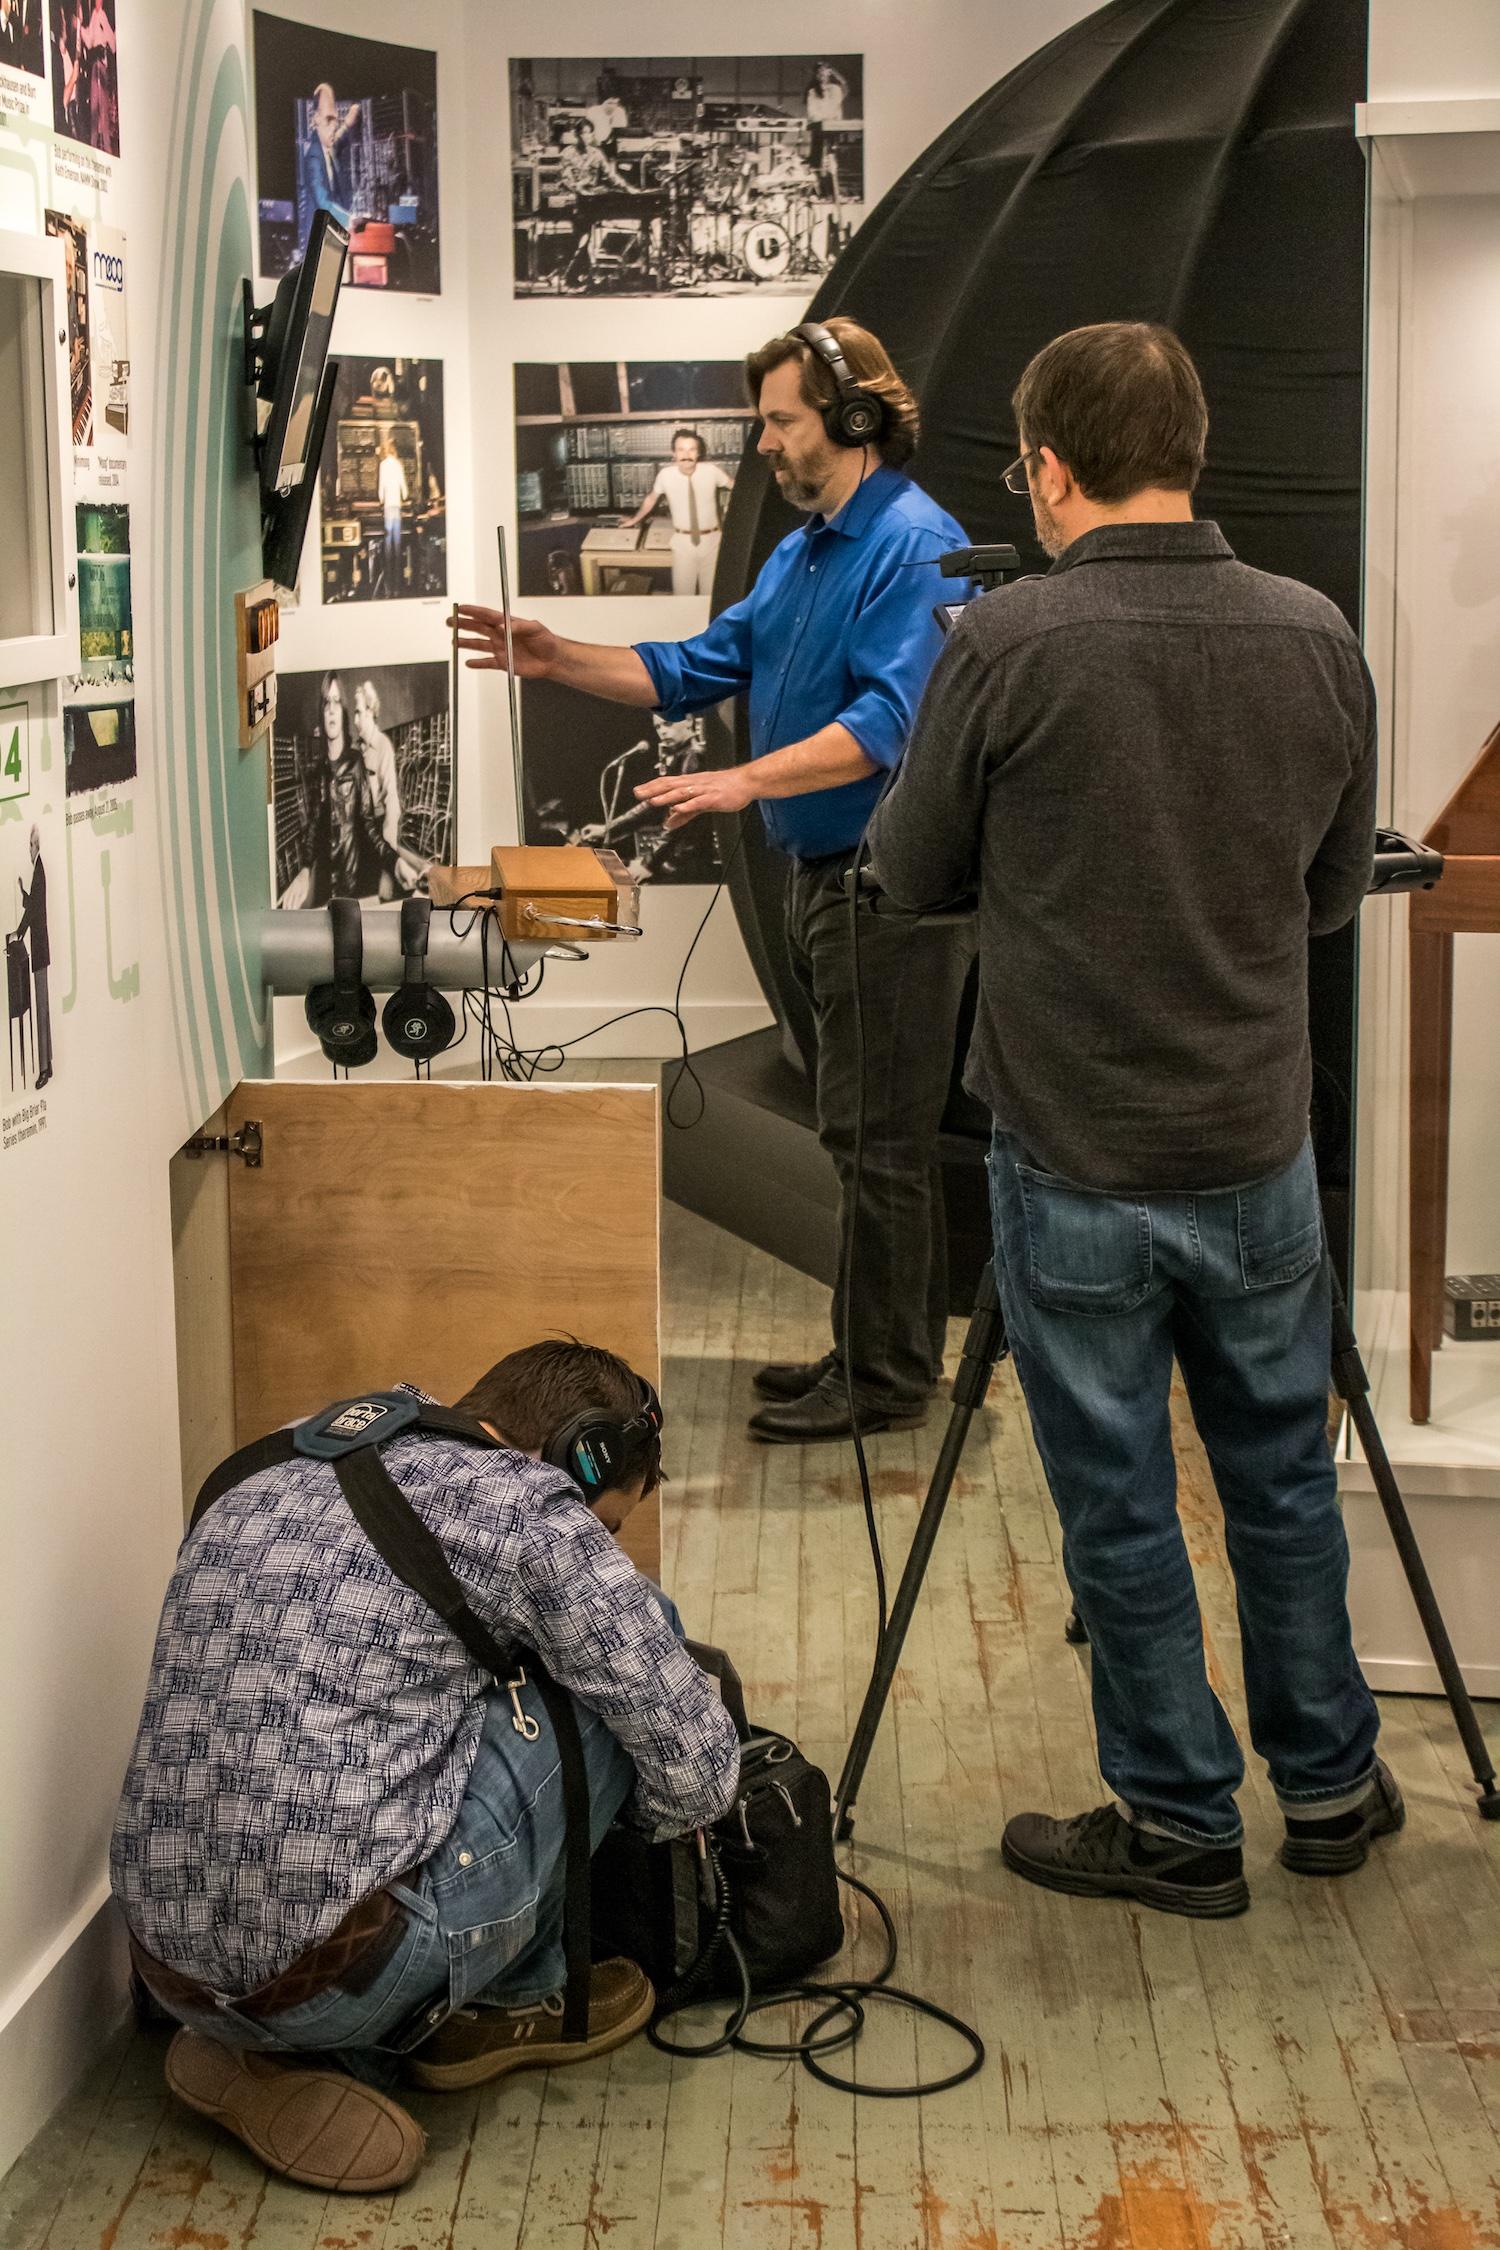 Moogseum PBS filming